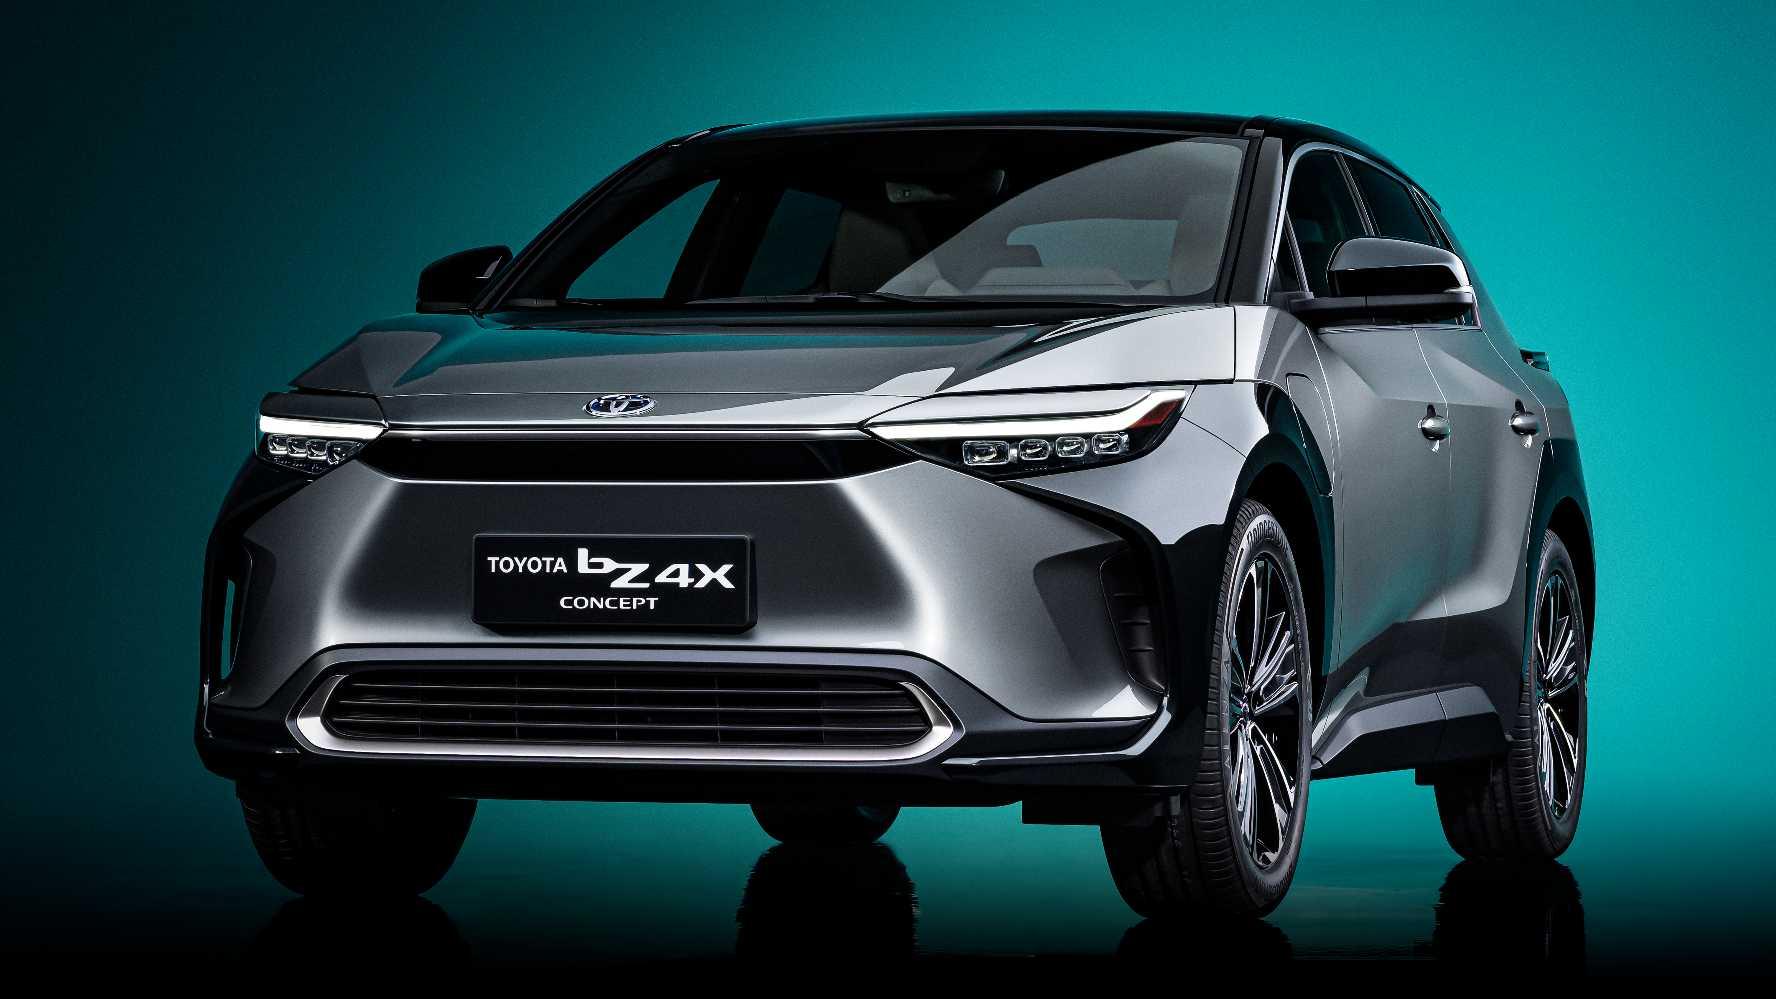 Le premier BEV mondial de Toyota, le SUV bZ4x, ne devrait entrer en production que d'ici 2022. Image : Toyota